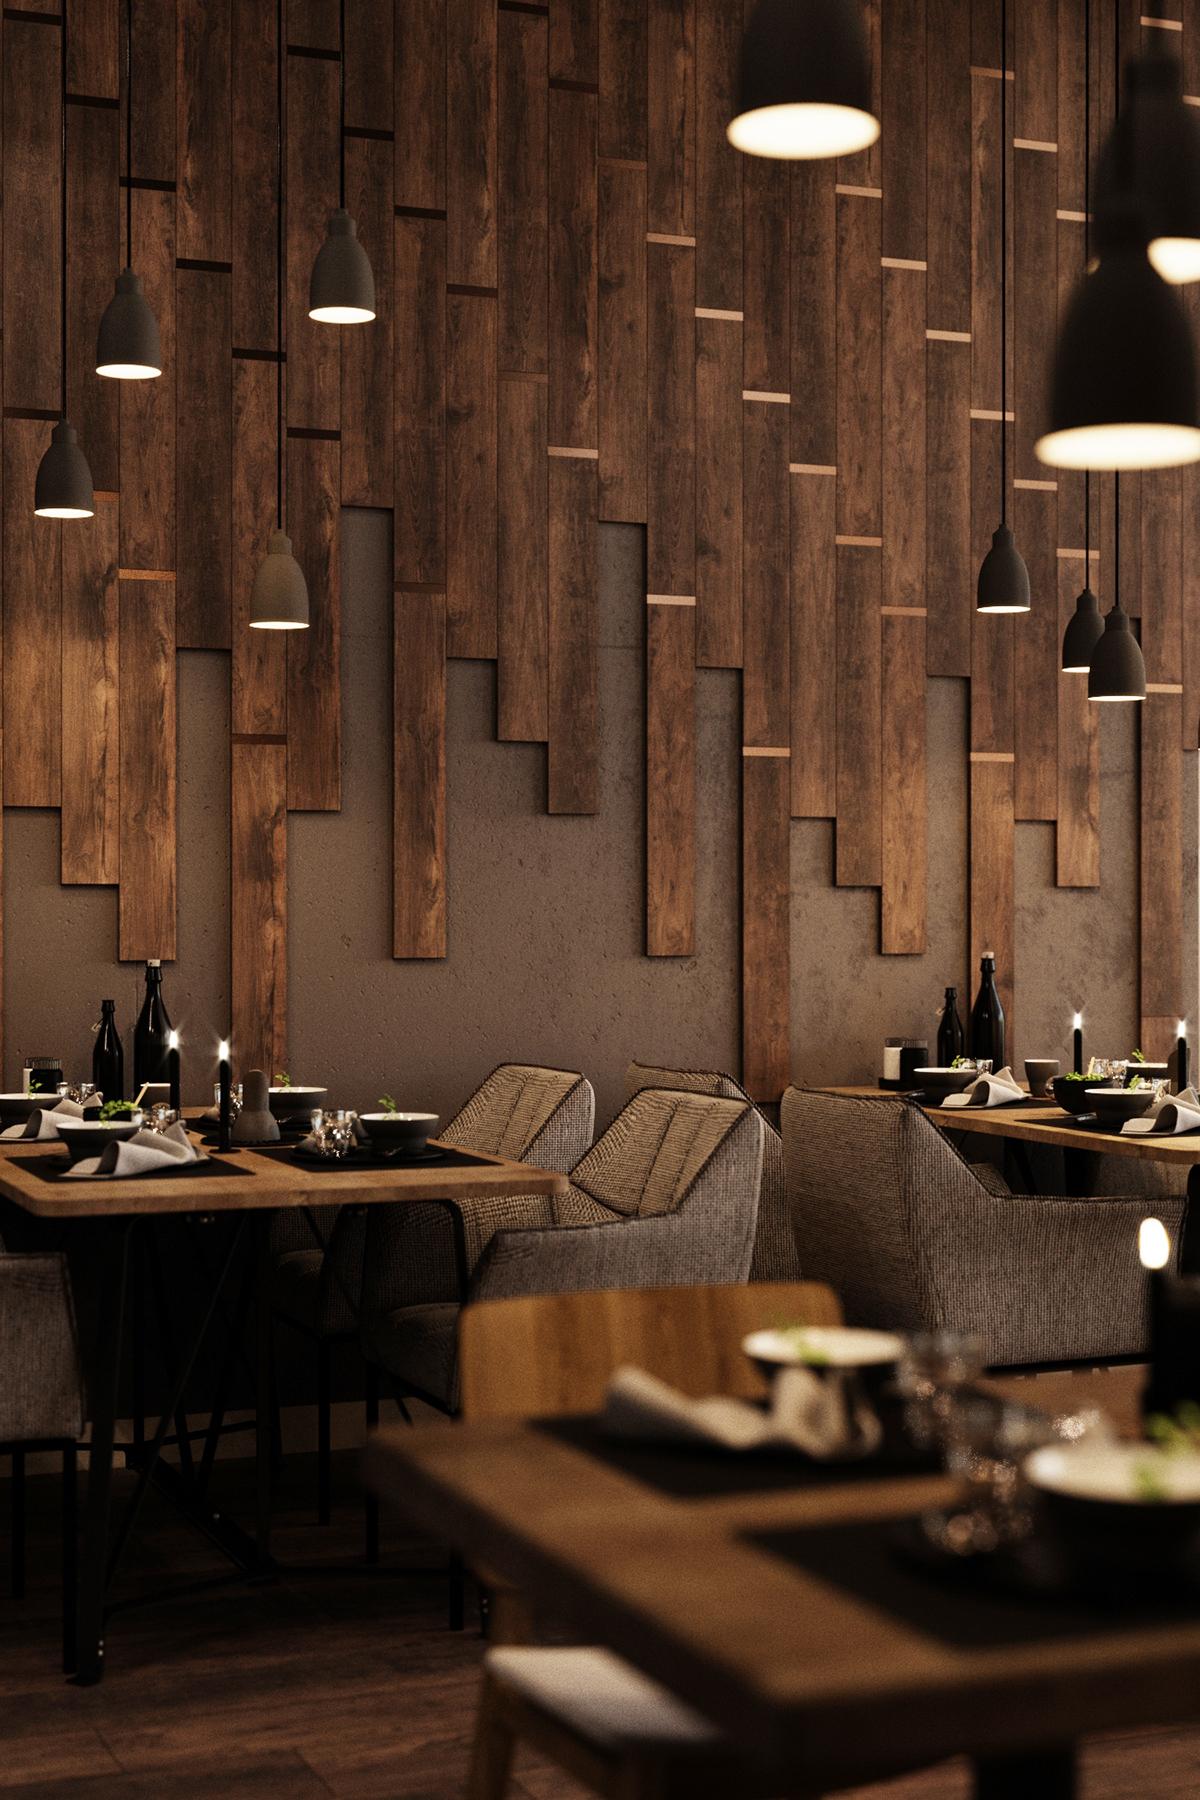 538 best restaurant cafe design images on pinterest restaurant interior design. Black Bedroom Furniture Sets. Home Design Ideas